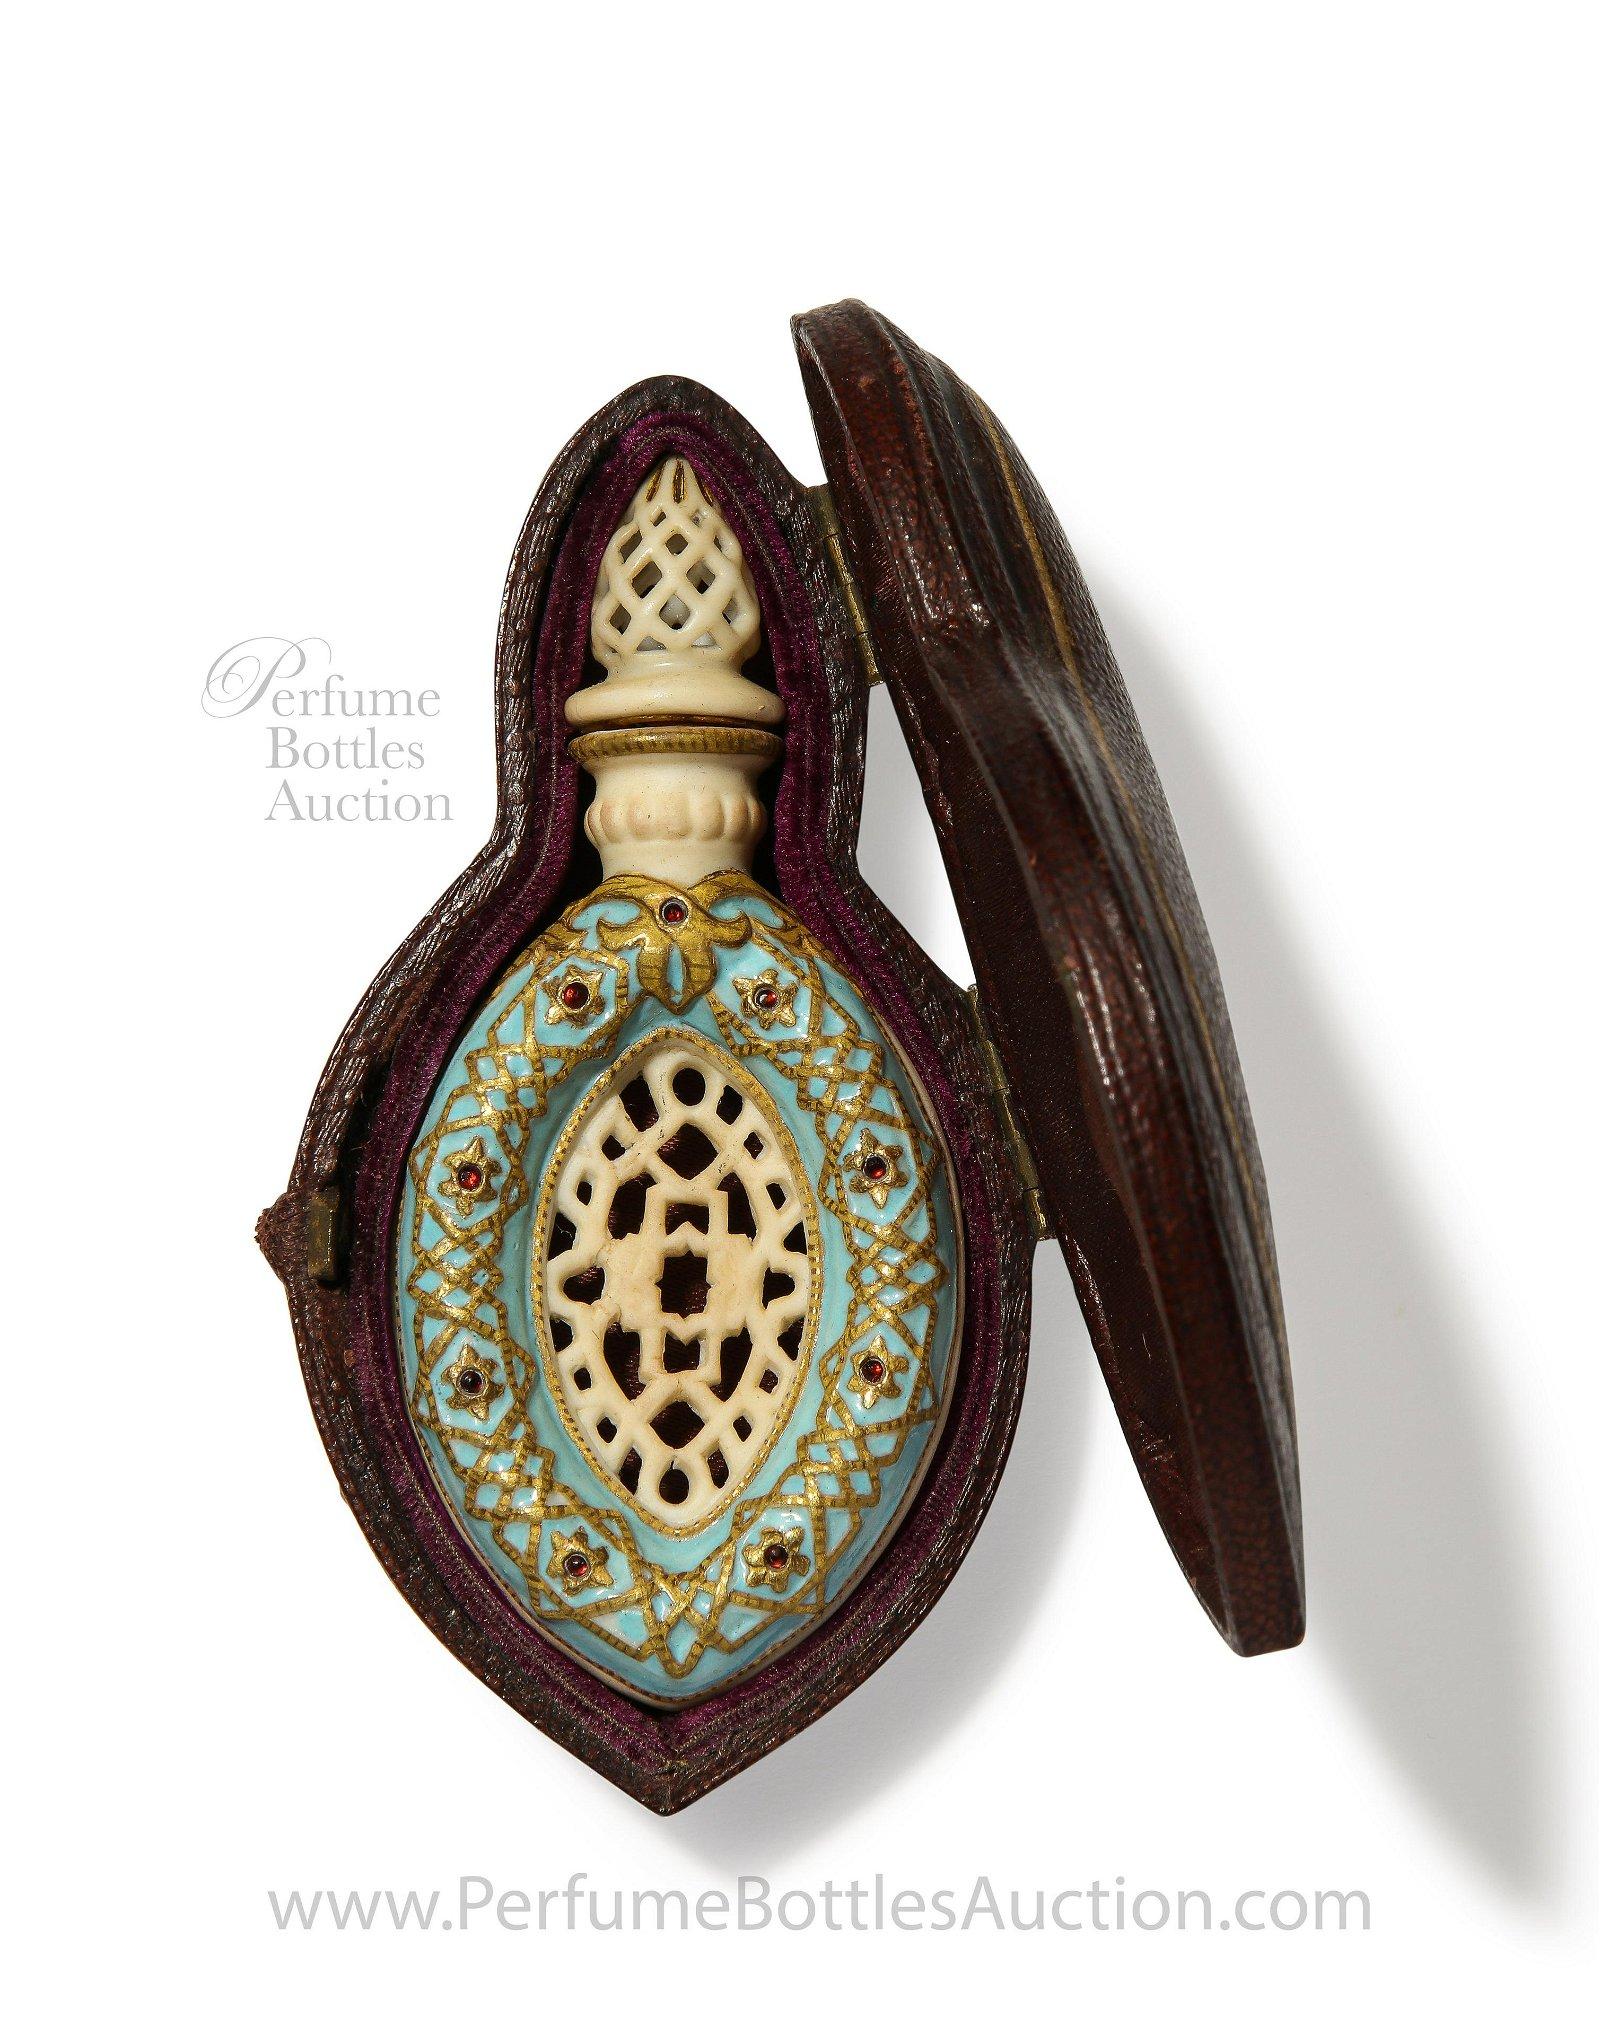 1870s Royal Worcester Antique Scent Bottle